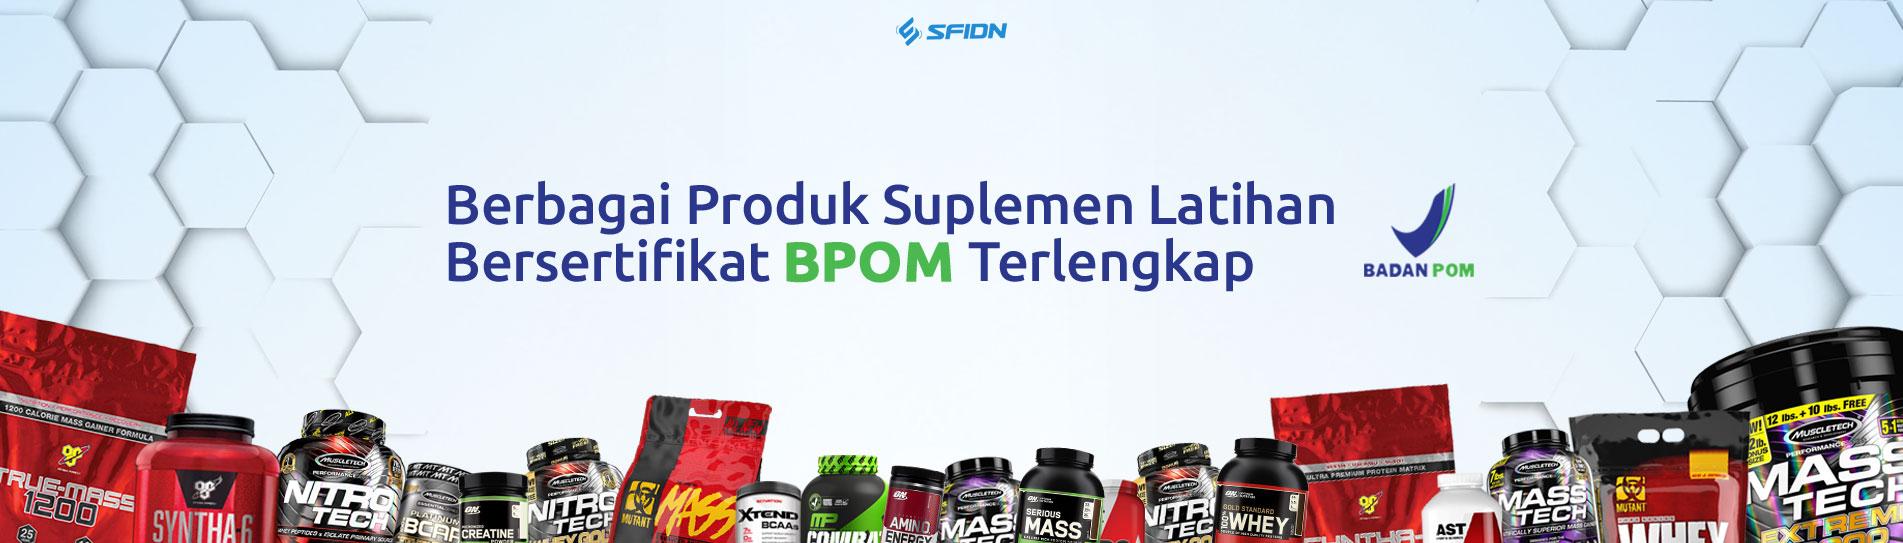 Produk BPOM hanya di SFIDN